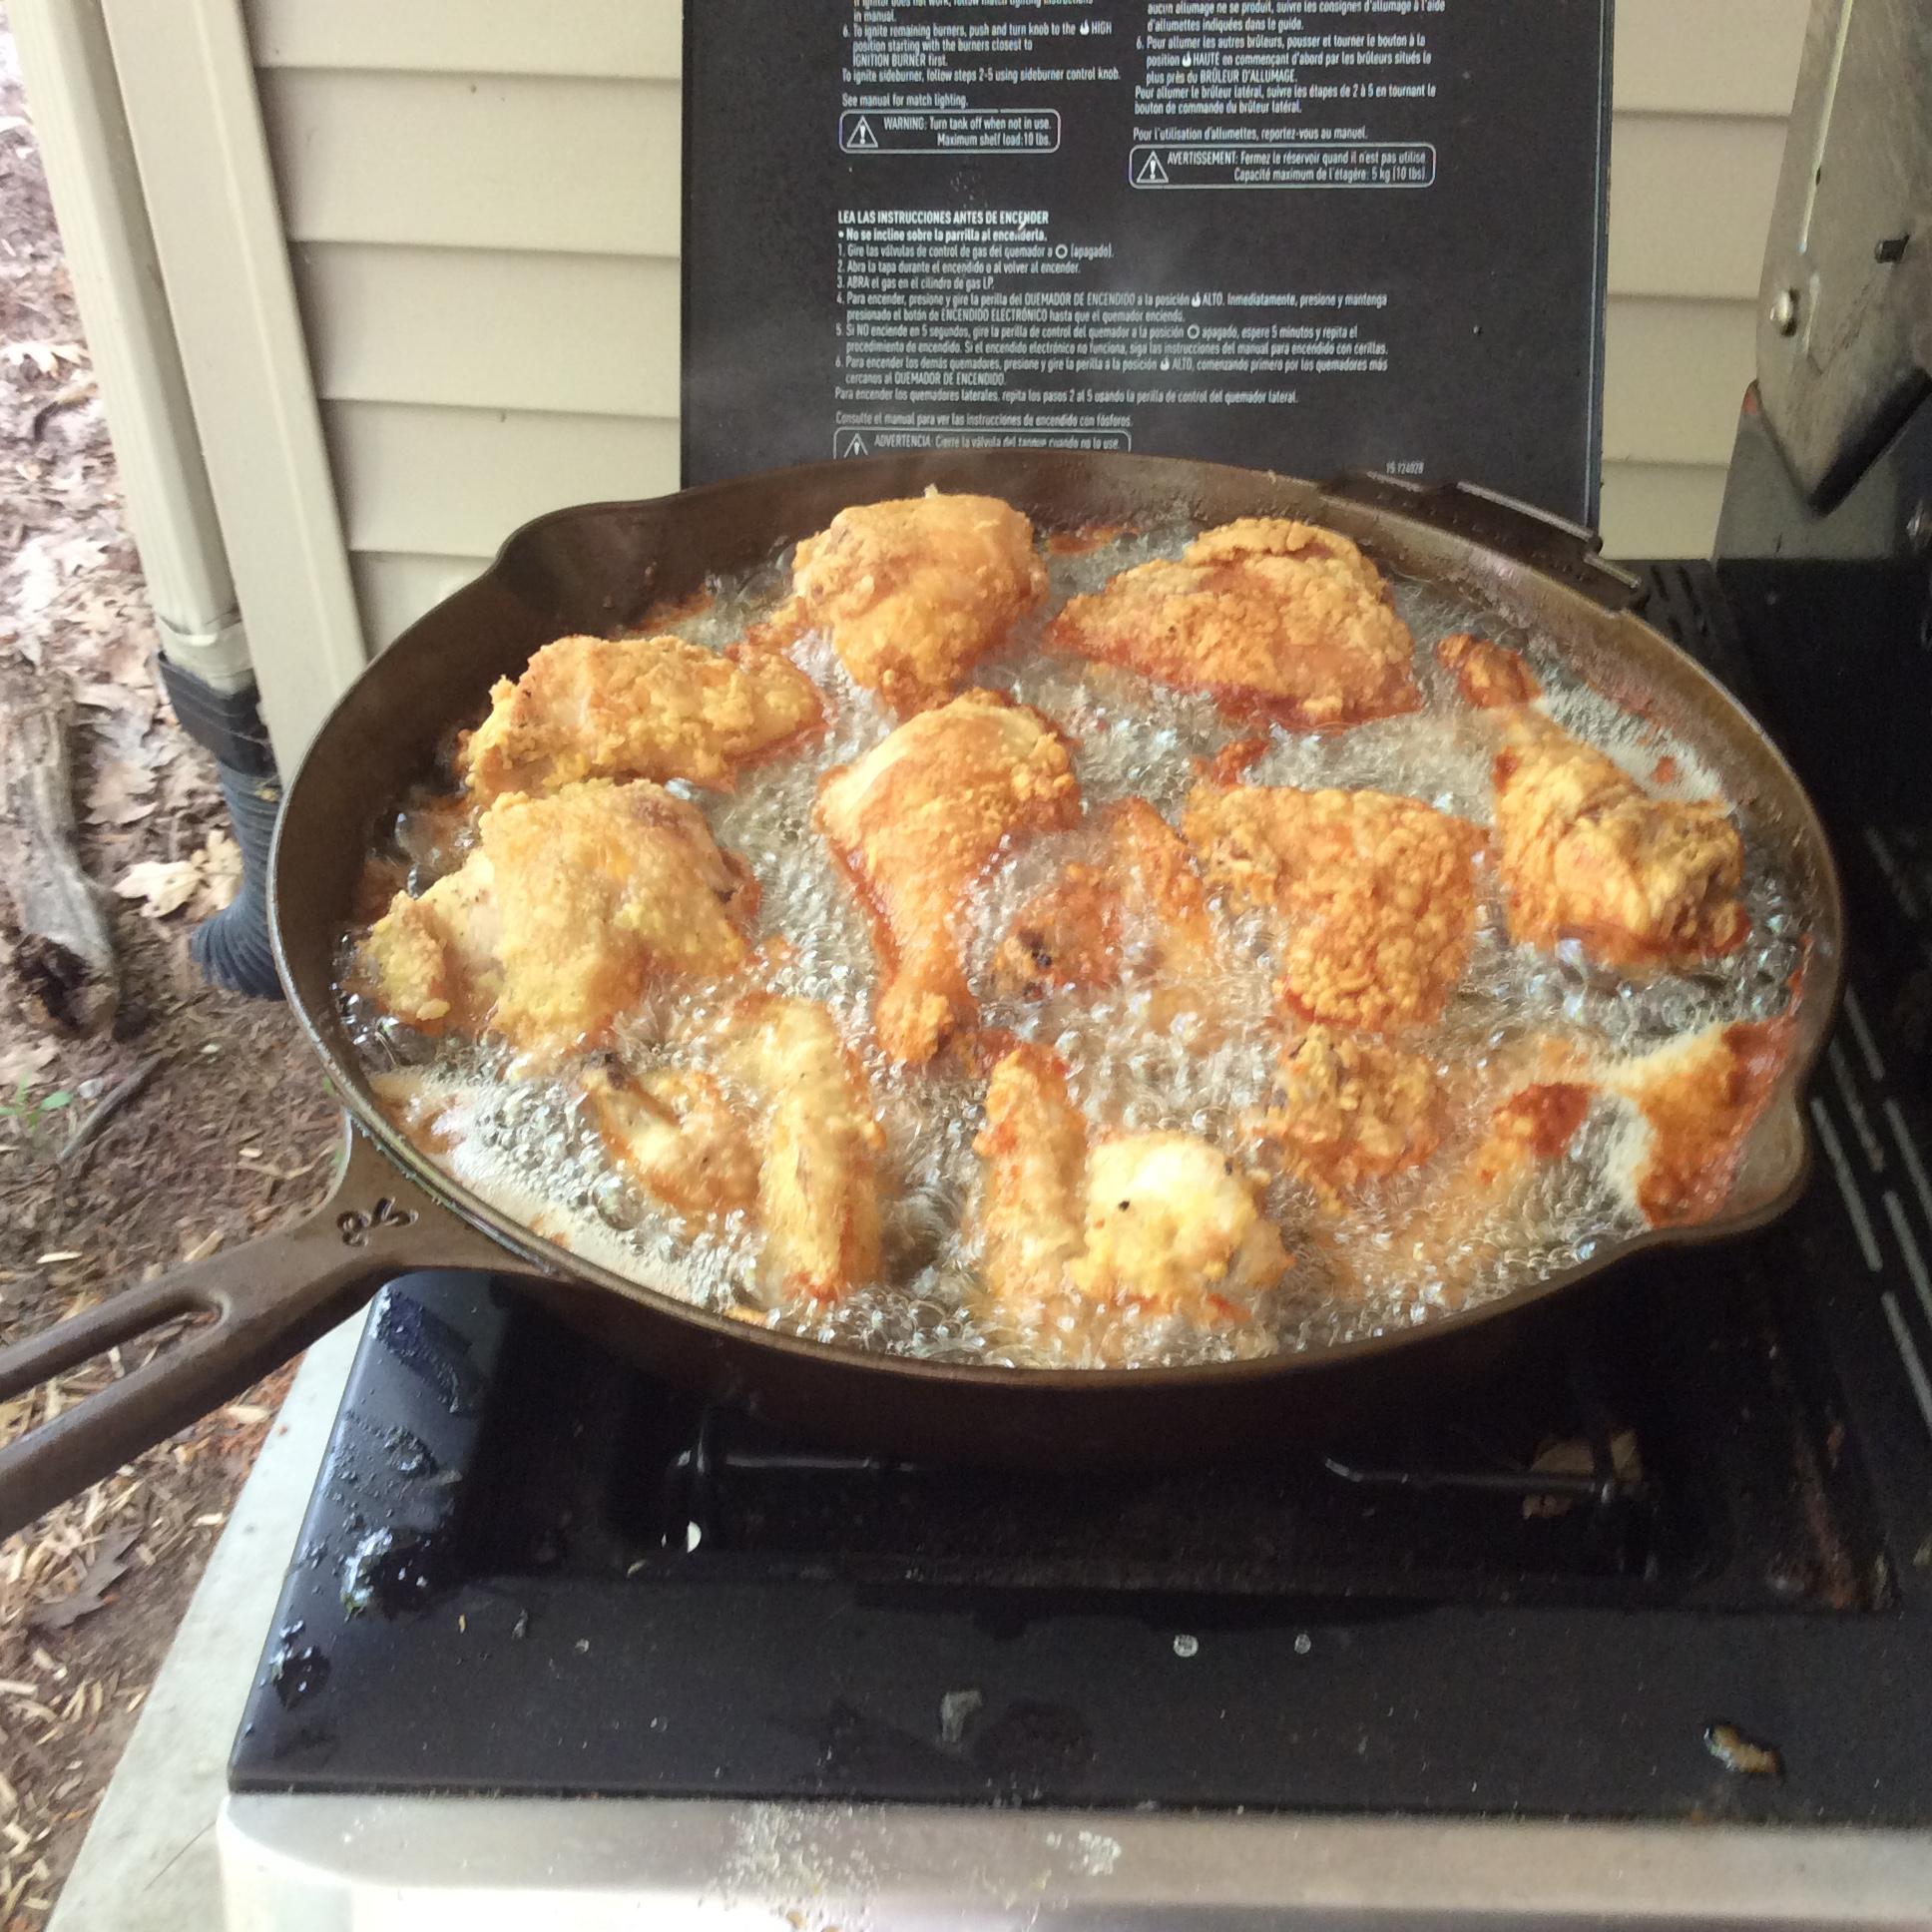 Chicken fried in pork lard